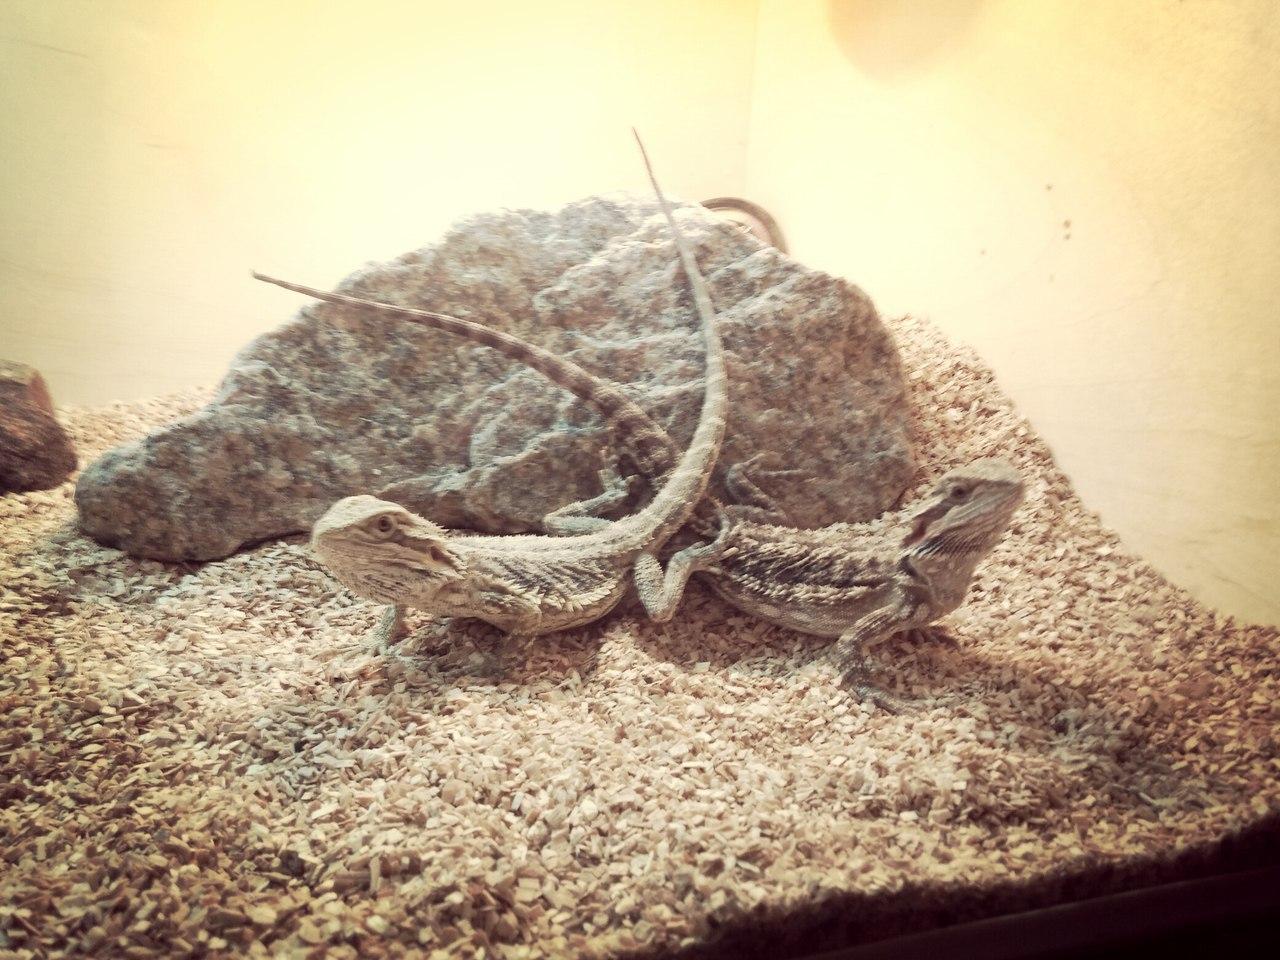 Террариум для ящерицы своими руками фото 153